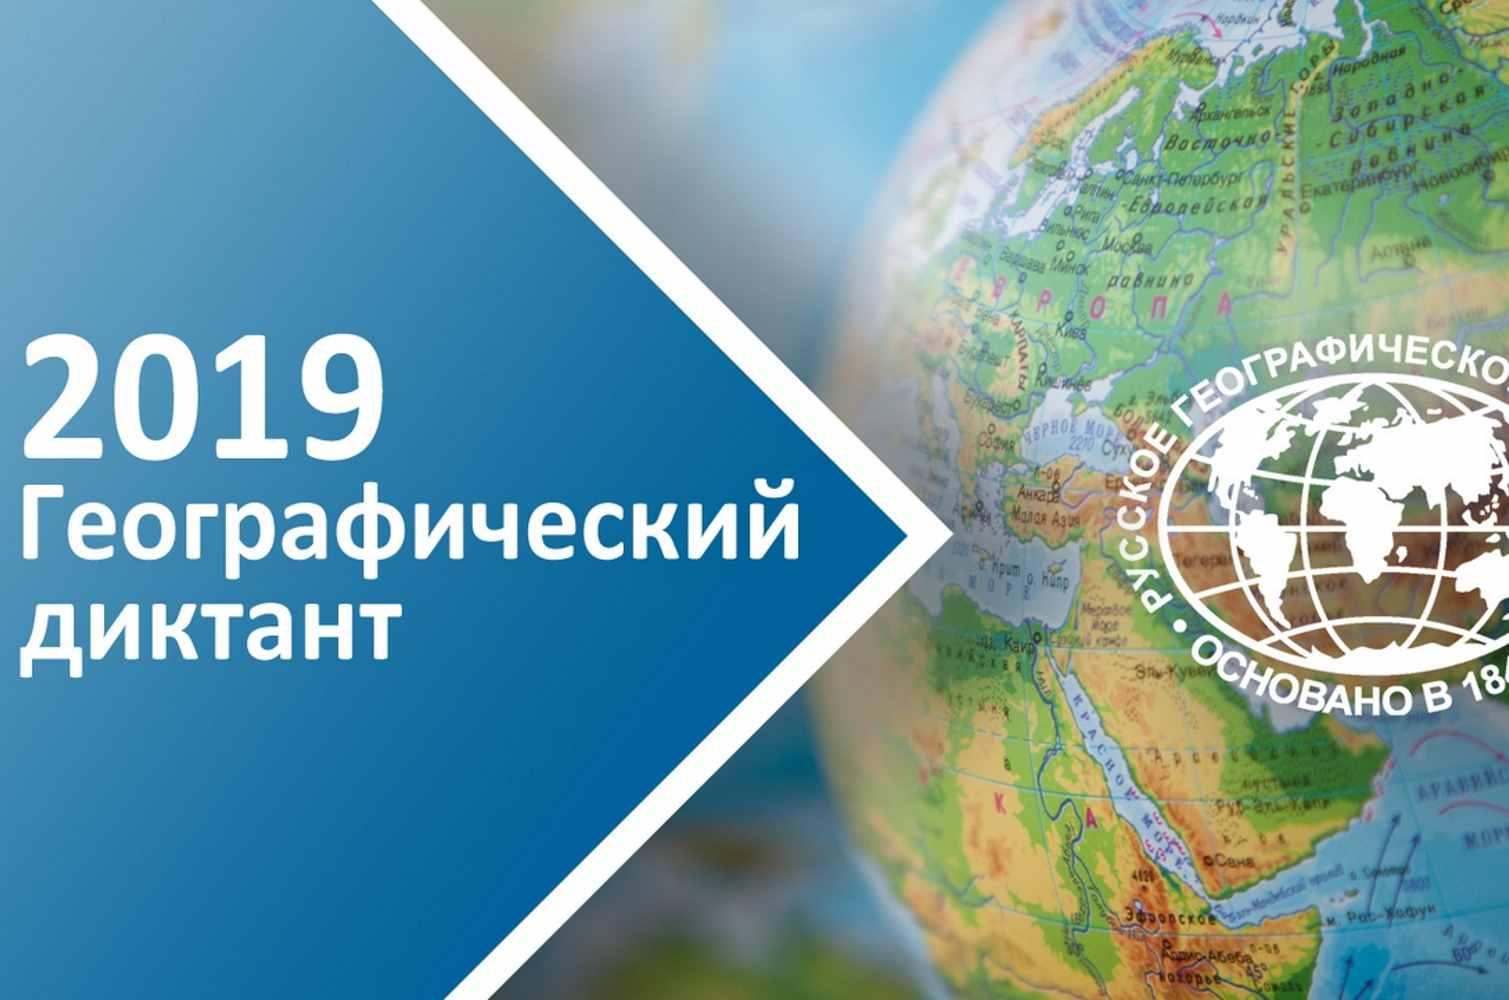 27-oktyabrya-v-rossii-sostoitsya-geograficheskij-diktant